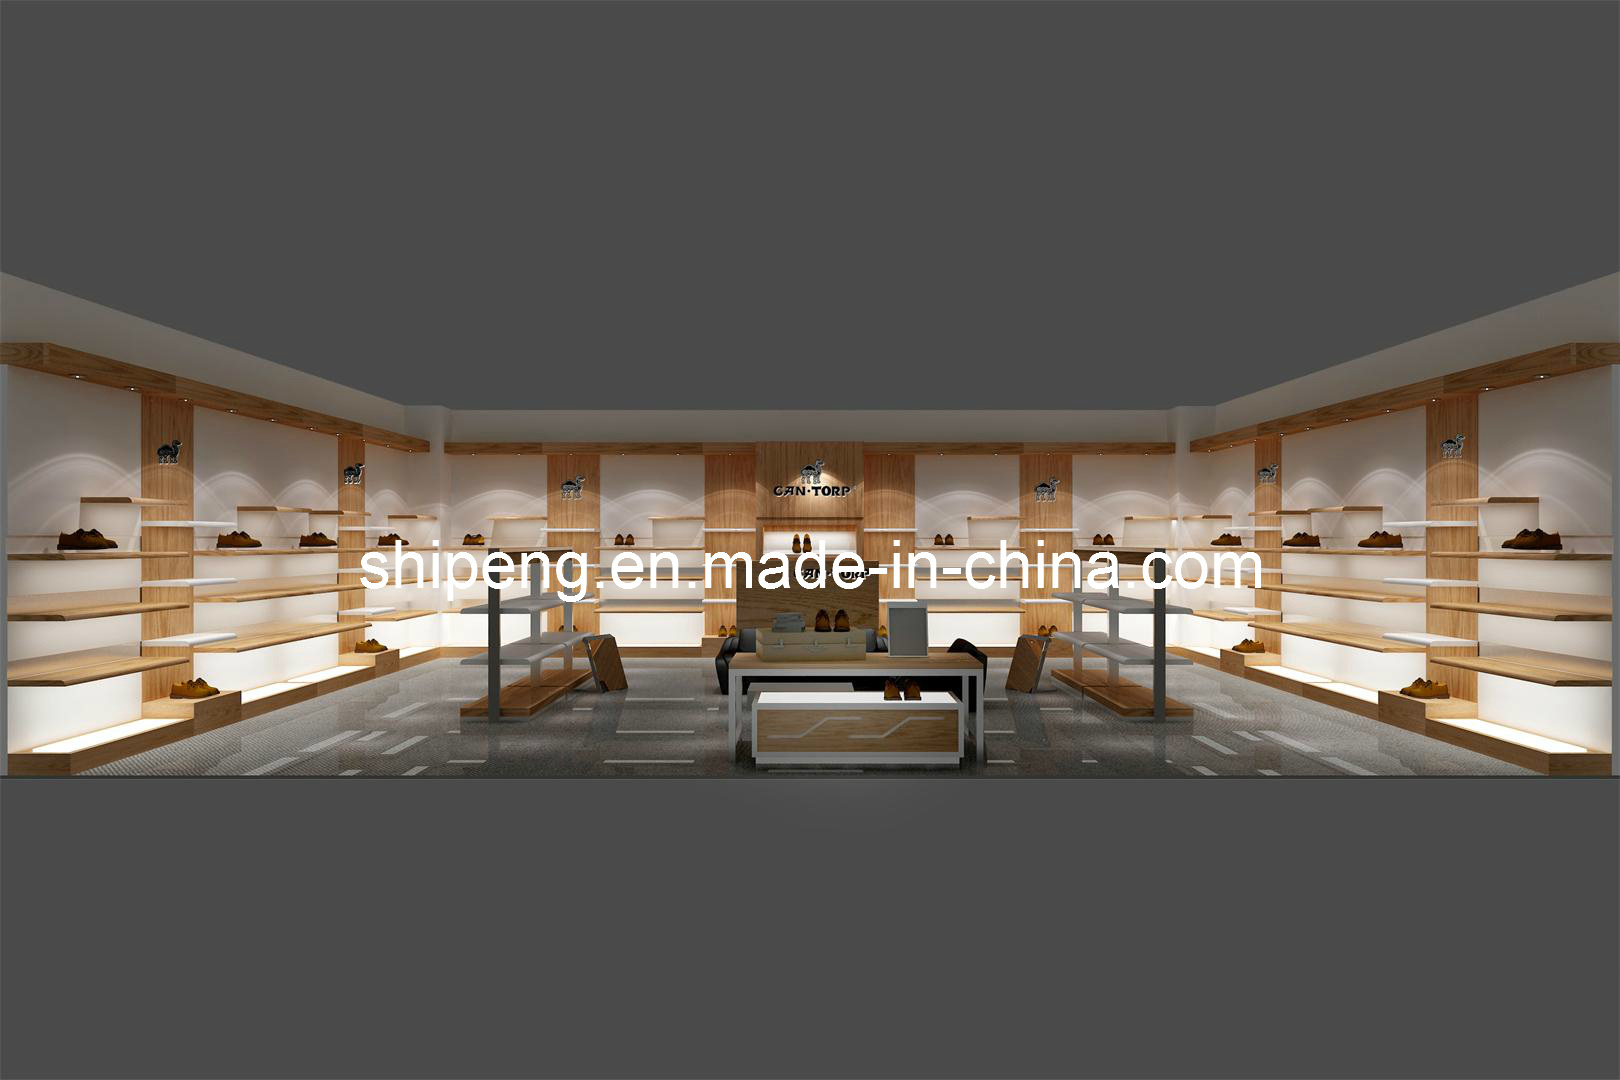 Harrods ladies shoe salon by Shed, London   Retail Design Blog